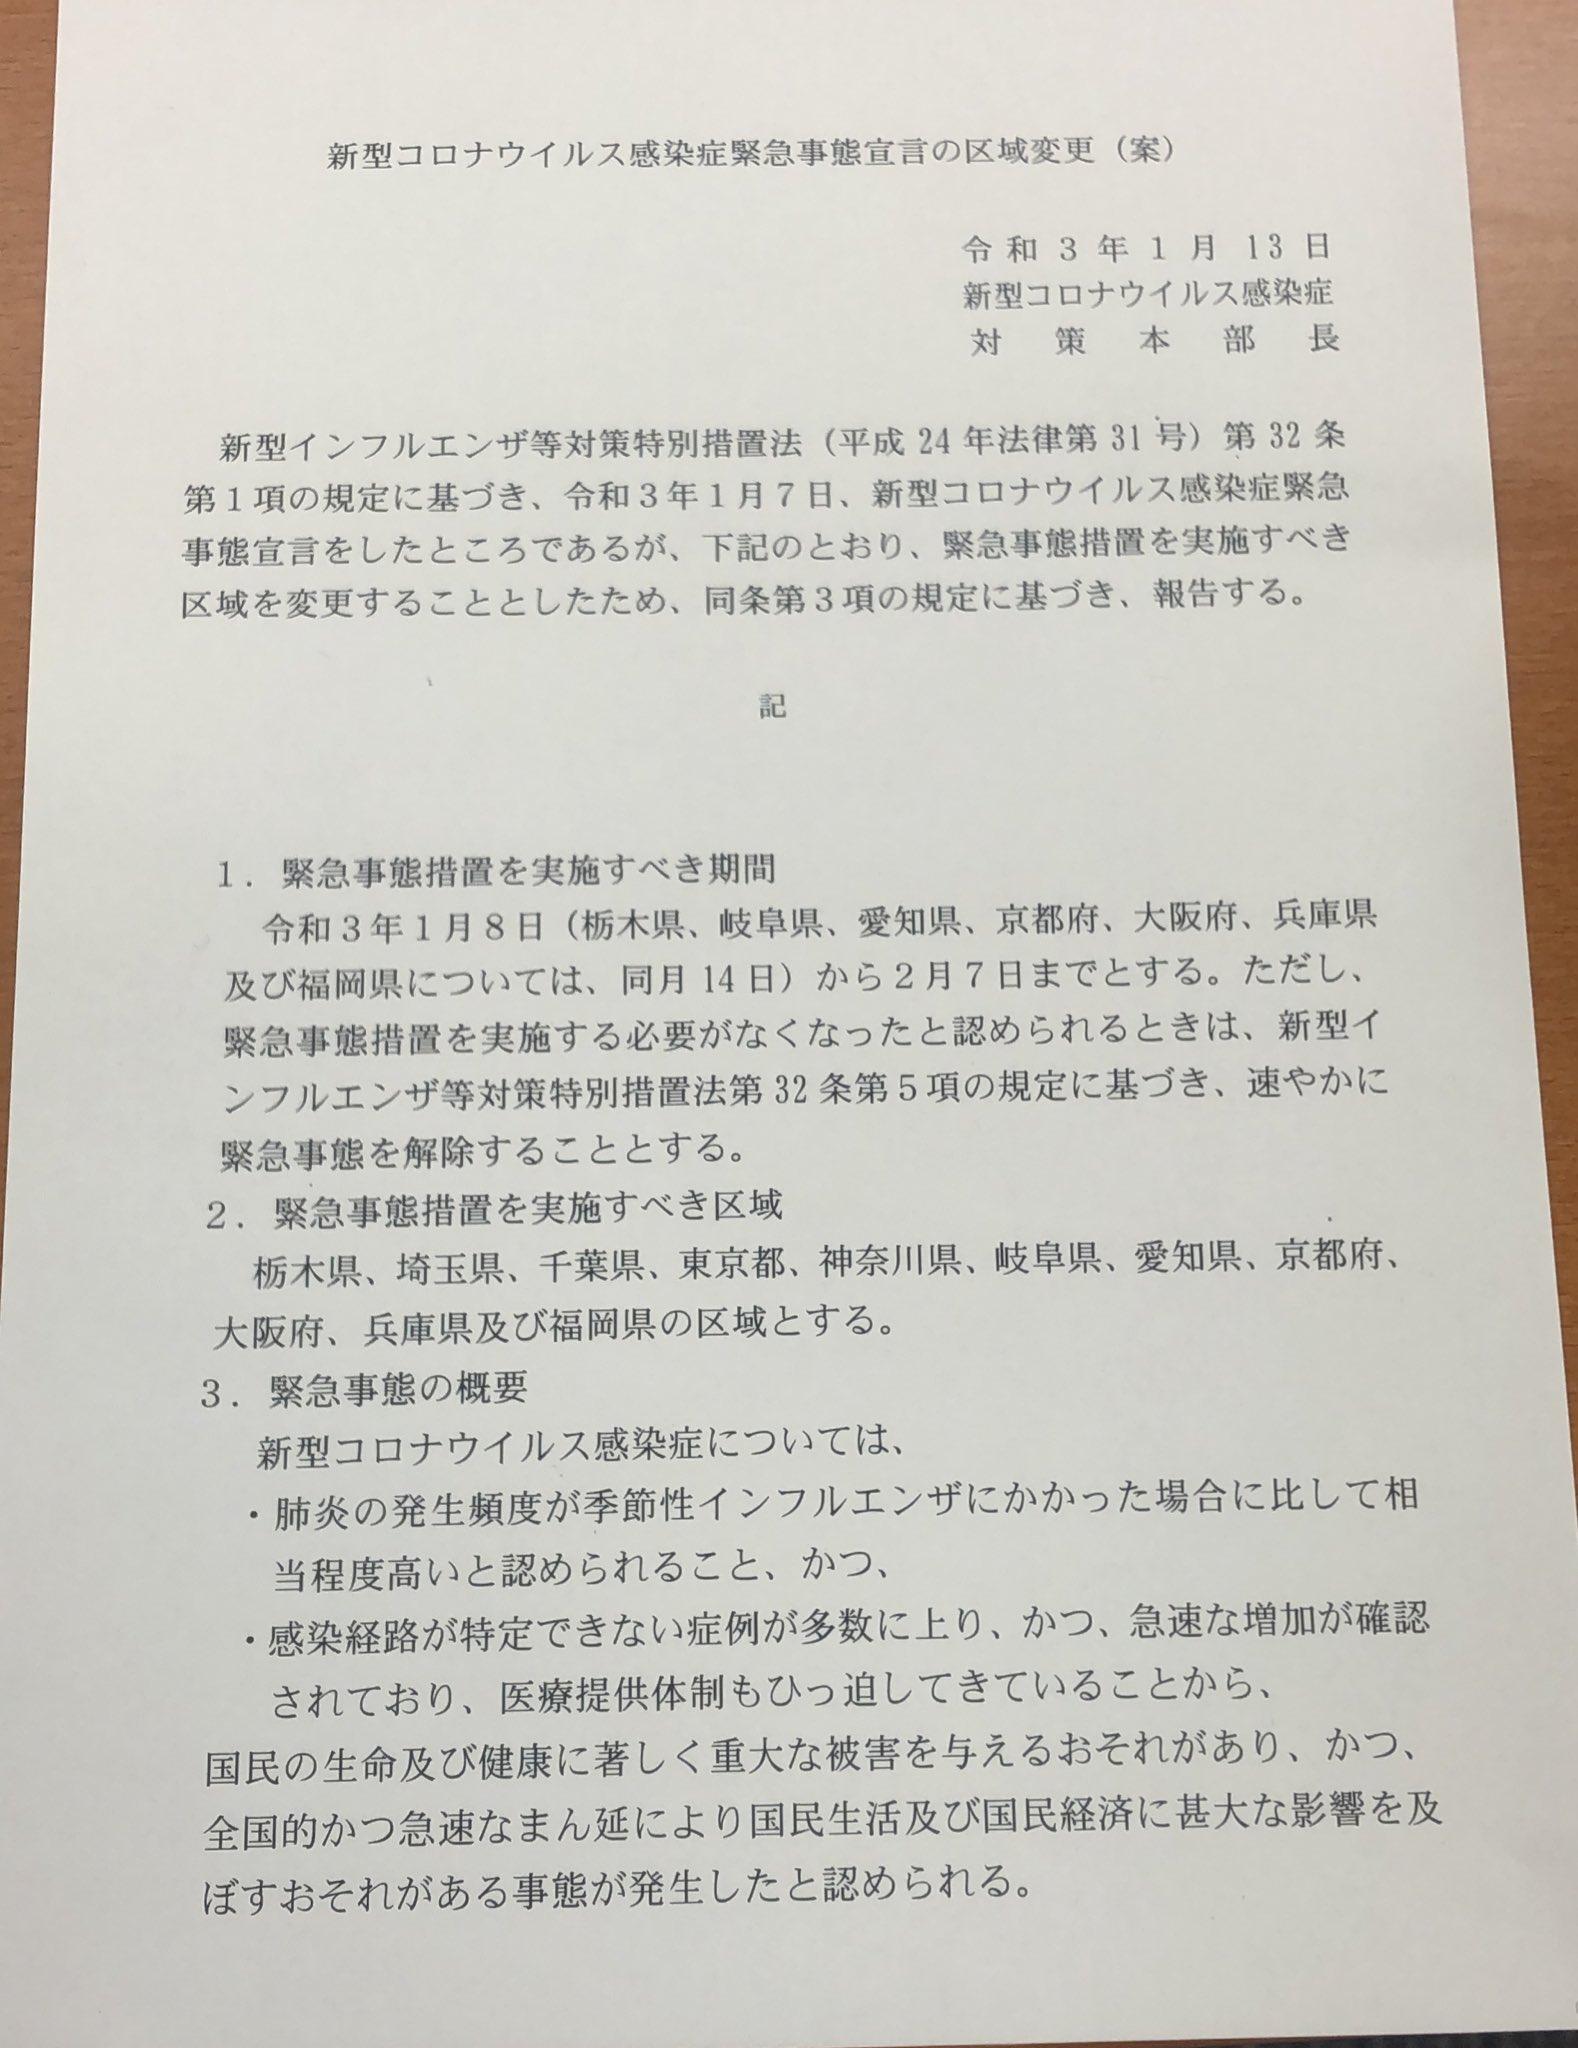 愛知県も緊急事態宣言の対象地域に